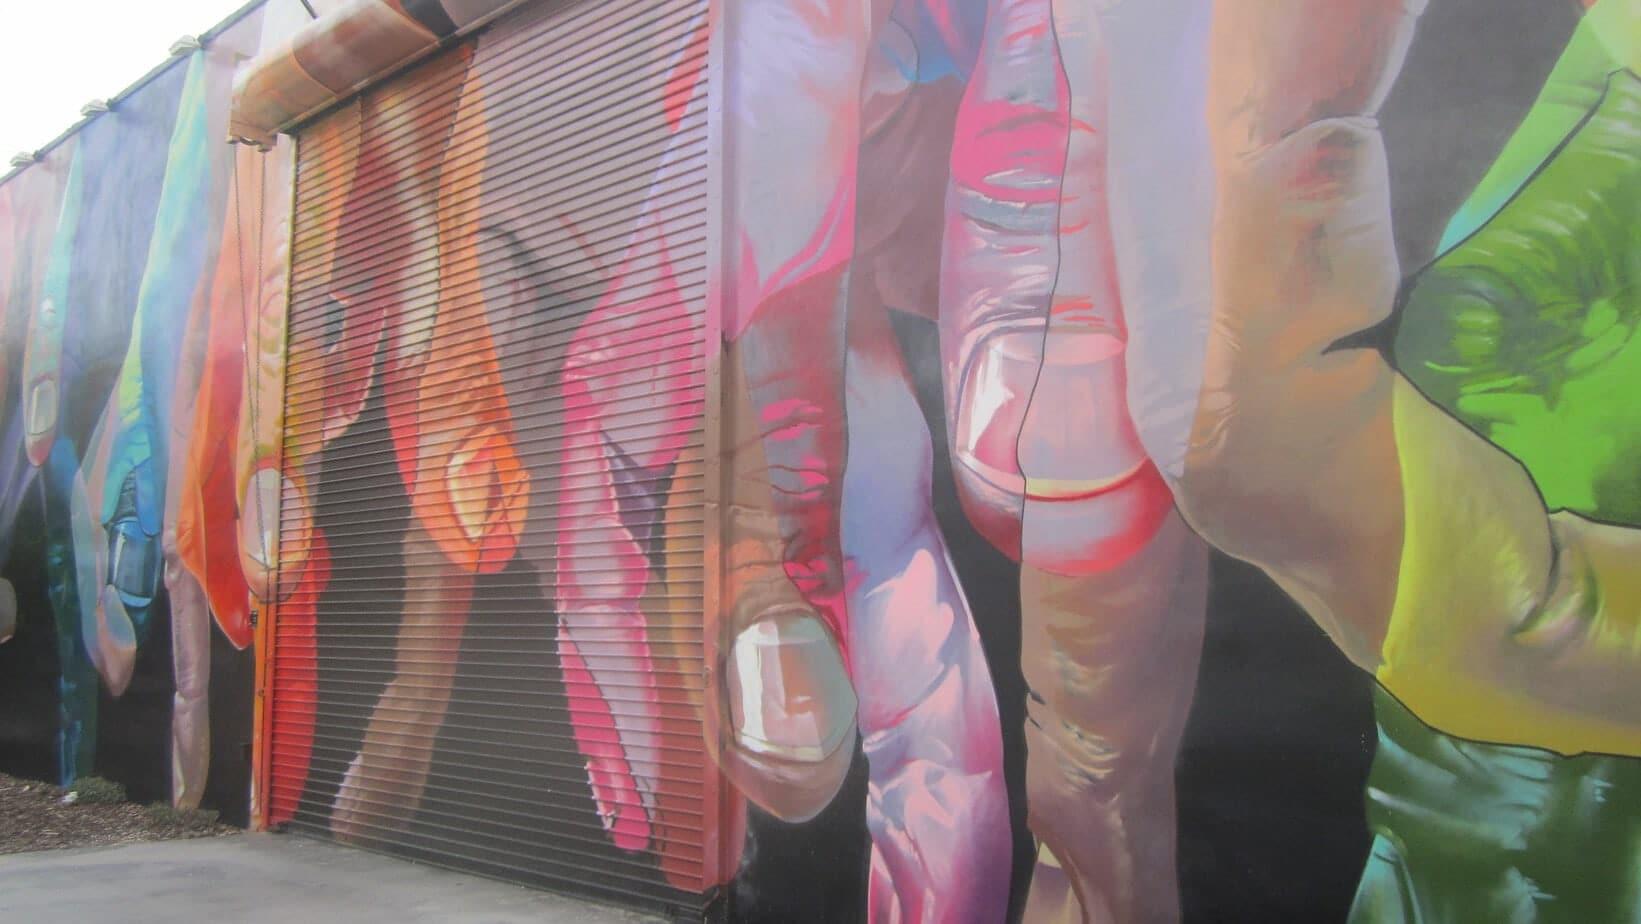 Wynwood Mall Museum Miami | Travel Beauty Blog | Museums | Street Art | Wynwood Walls | Graffiti | Graffiti Walls | Art | Painting | Outdoor Museum | Museums | Art Museums | Street Art